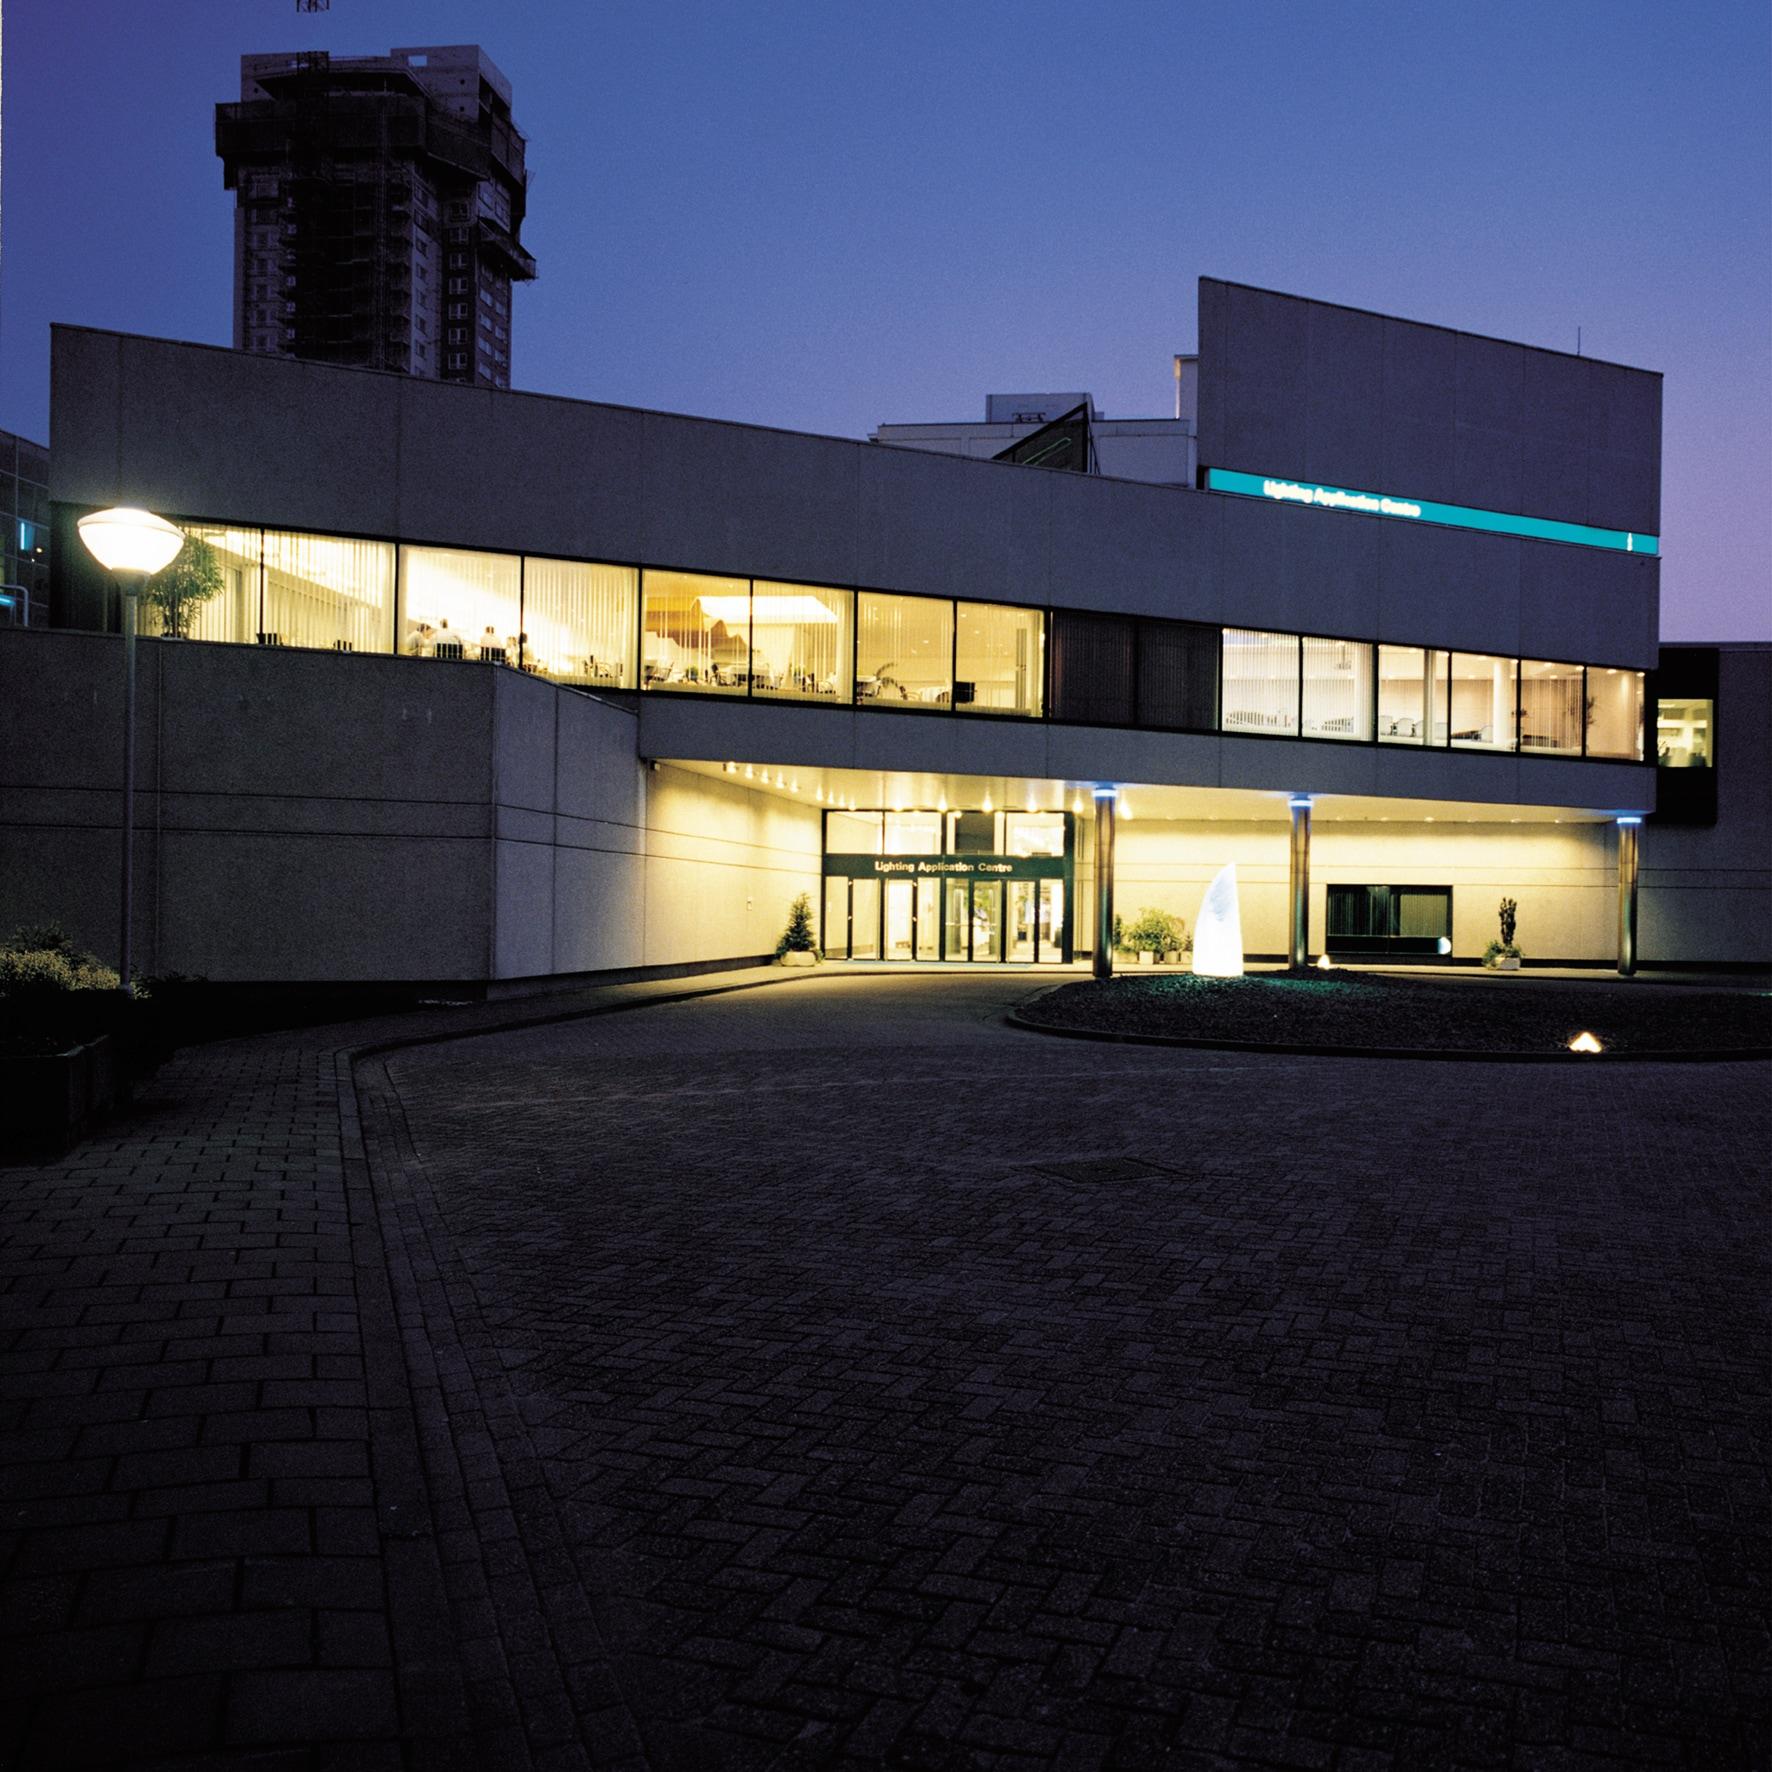 Philips Light Tower In Eindhoven: Lichtanwendungszentrum Für Innenbeleuchtung